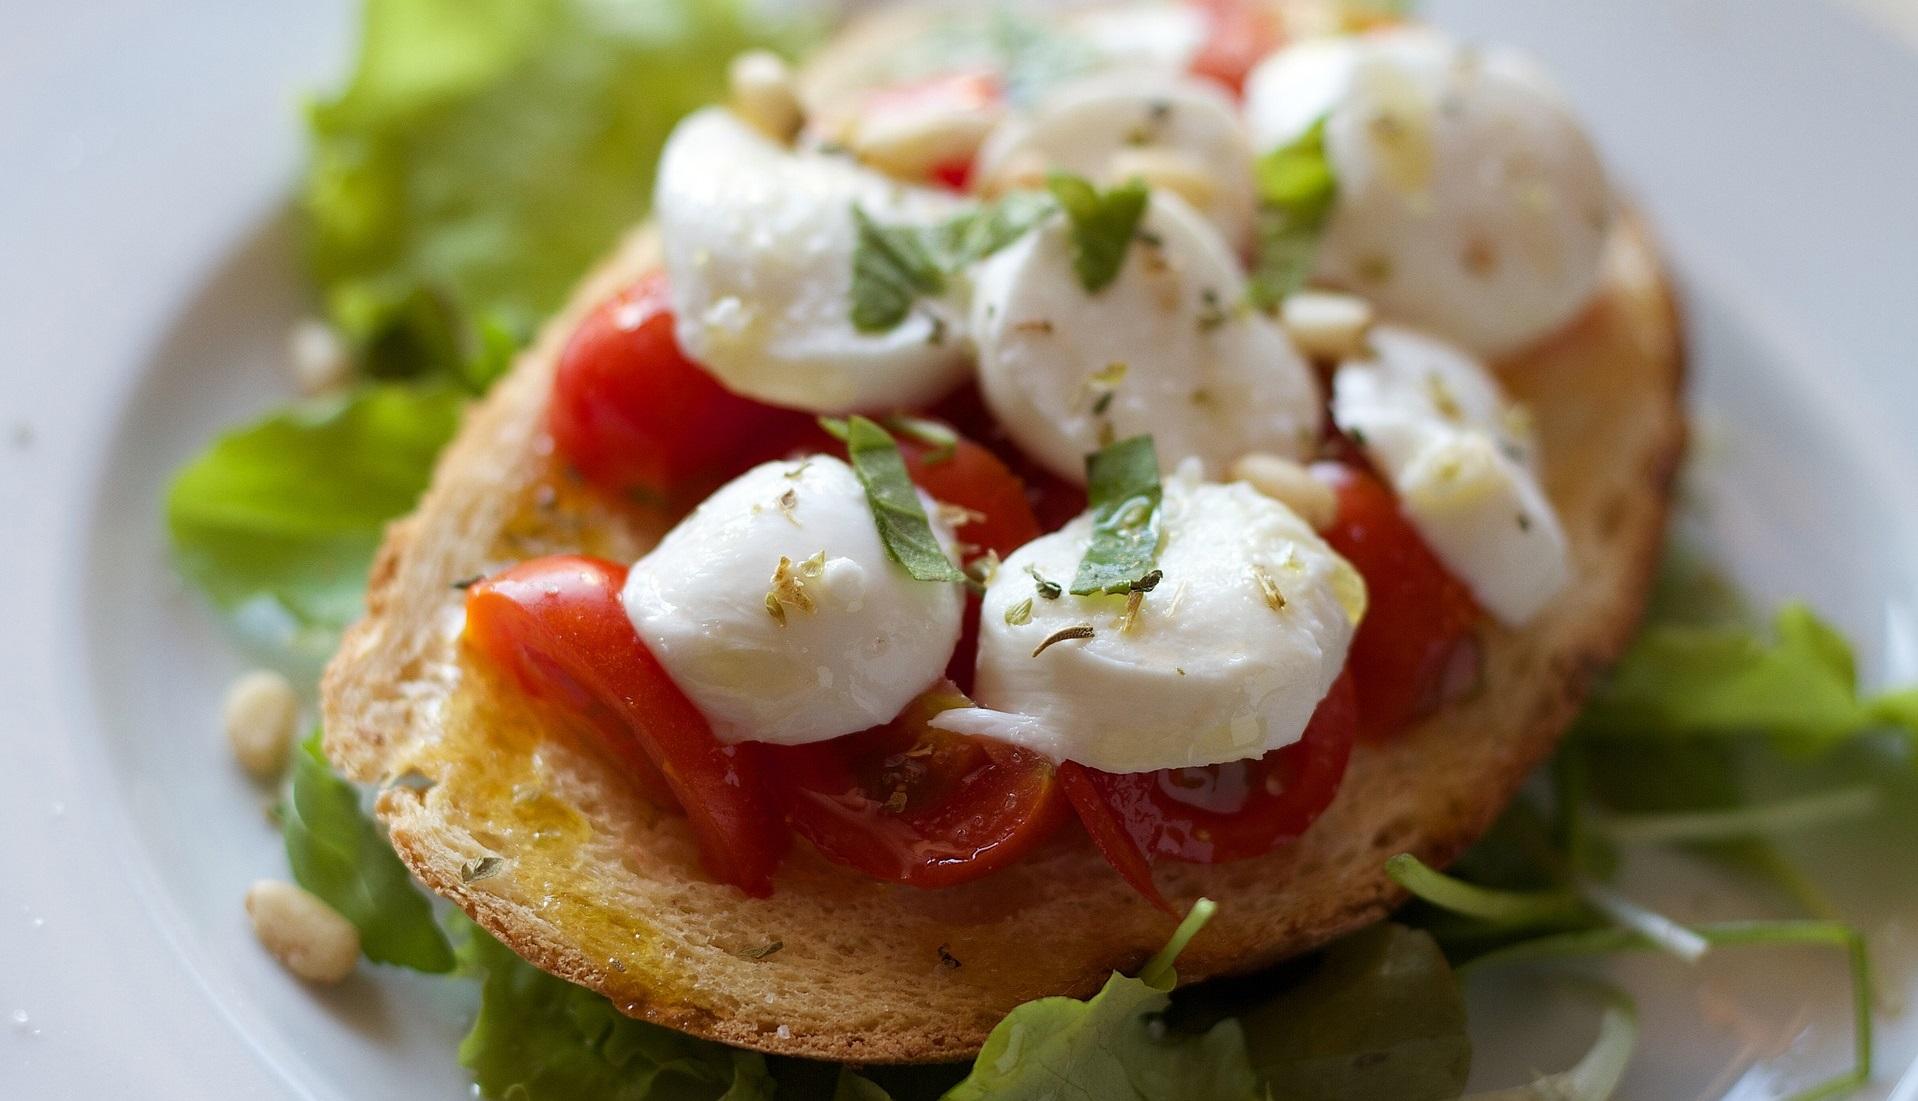 Mediteranska dieta deloma ublaži vpliv debelosti na smrtnost